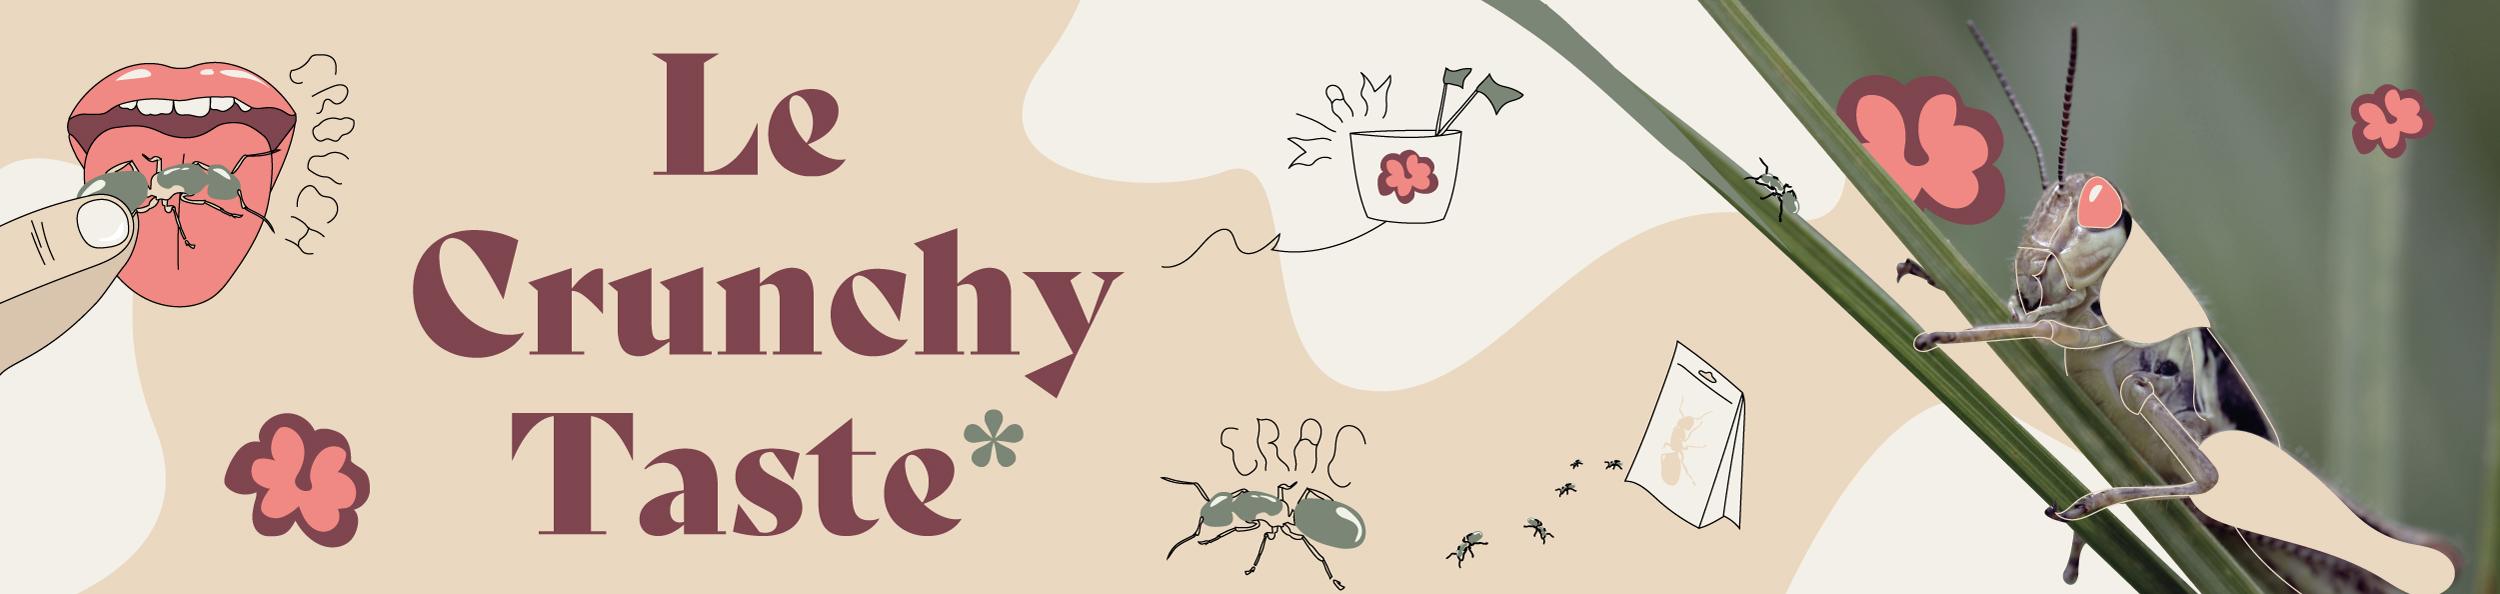 Le Crunchy Taste : Oserez-vous croquer des insectes ?